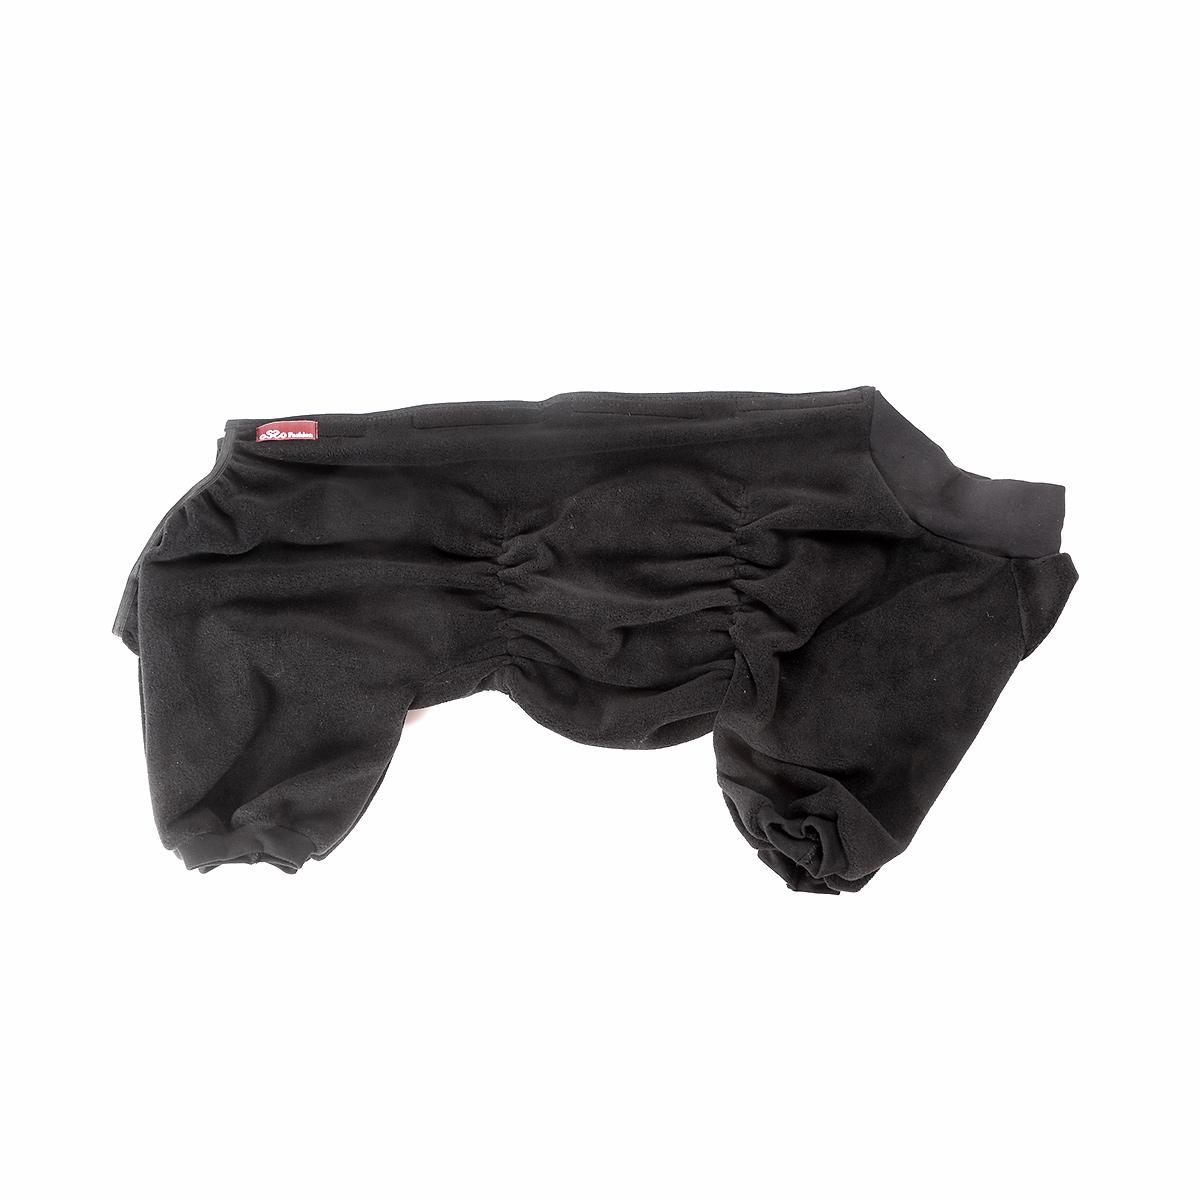 Комбинезон для собак OSSO Fashion, для мальчика, цвет: графит. Размер 45Кф-1016Комбинезон для собак OSSO Fashion выполнен из флиса. Комфортная посадка по корпусу достигается за счет резинок-утяжек под грудью и животом. На воротнике имеются завязки, для дополнительной фиксации. Можно носить самостоятельно и как поддевку под комбинезон для собак. Изделие отлично стирается, быстро сохнет. Длина спинки: 45 см. Объем груди: 56-66 см.